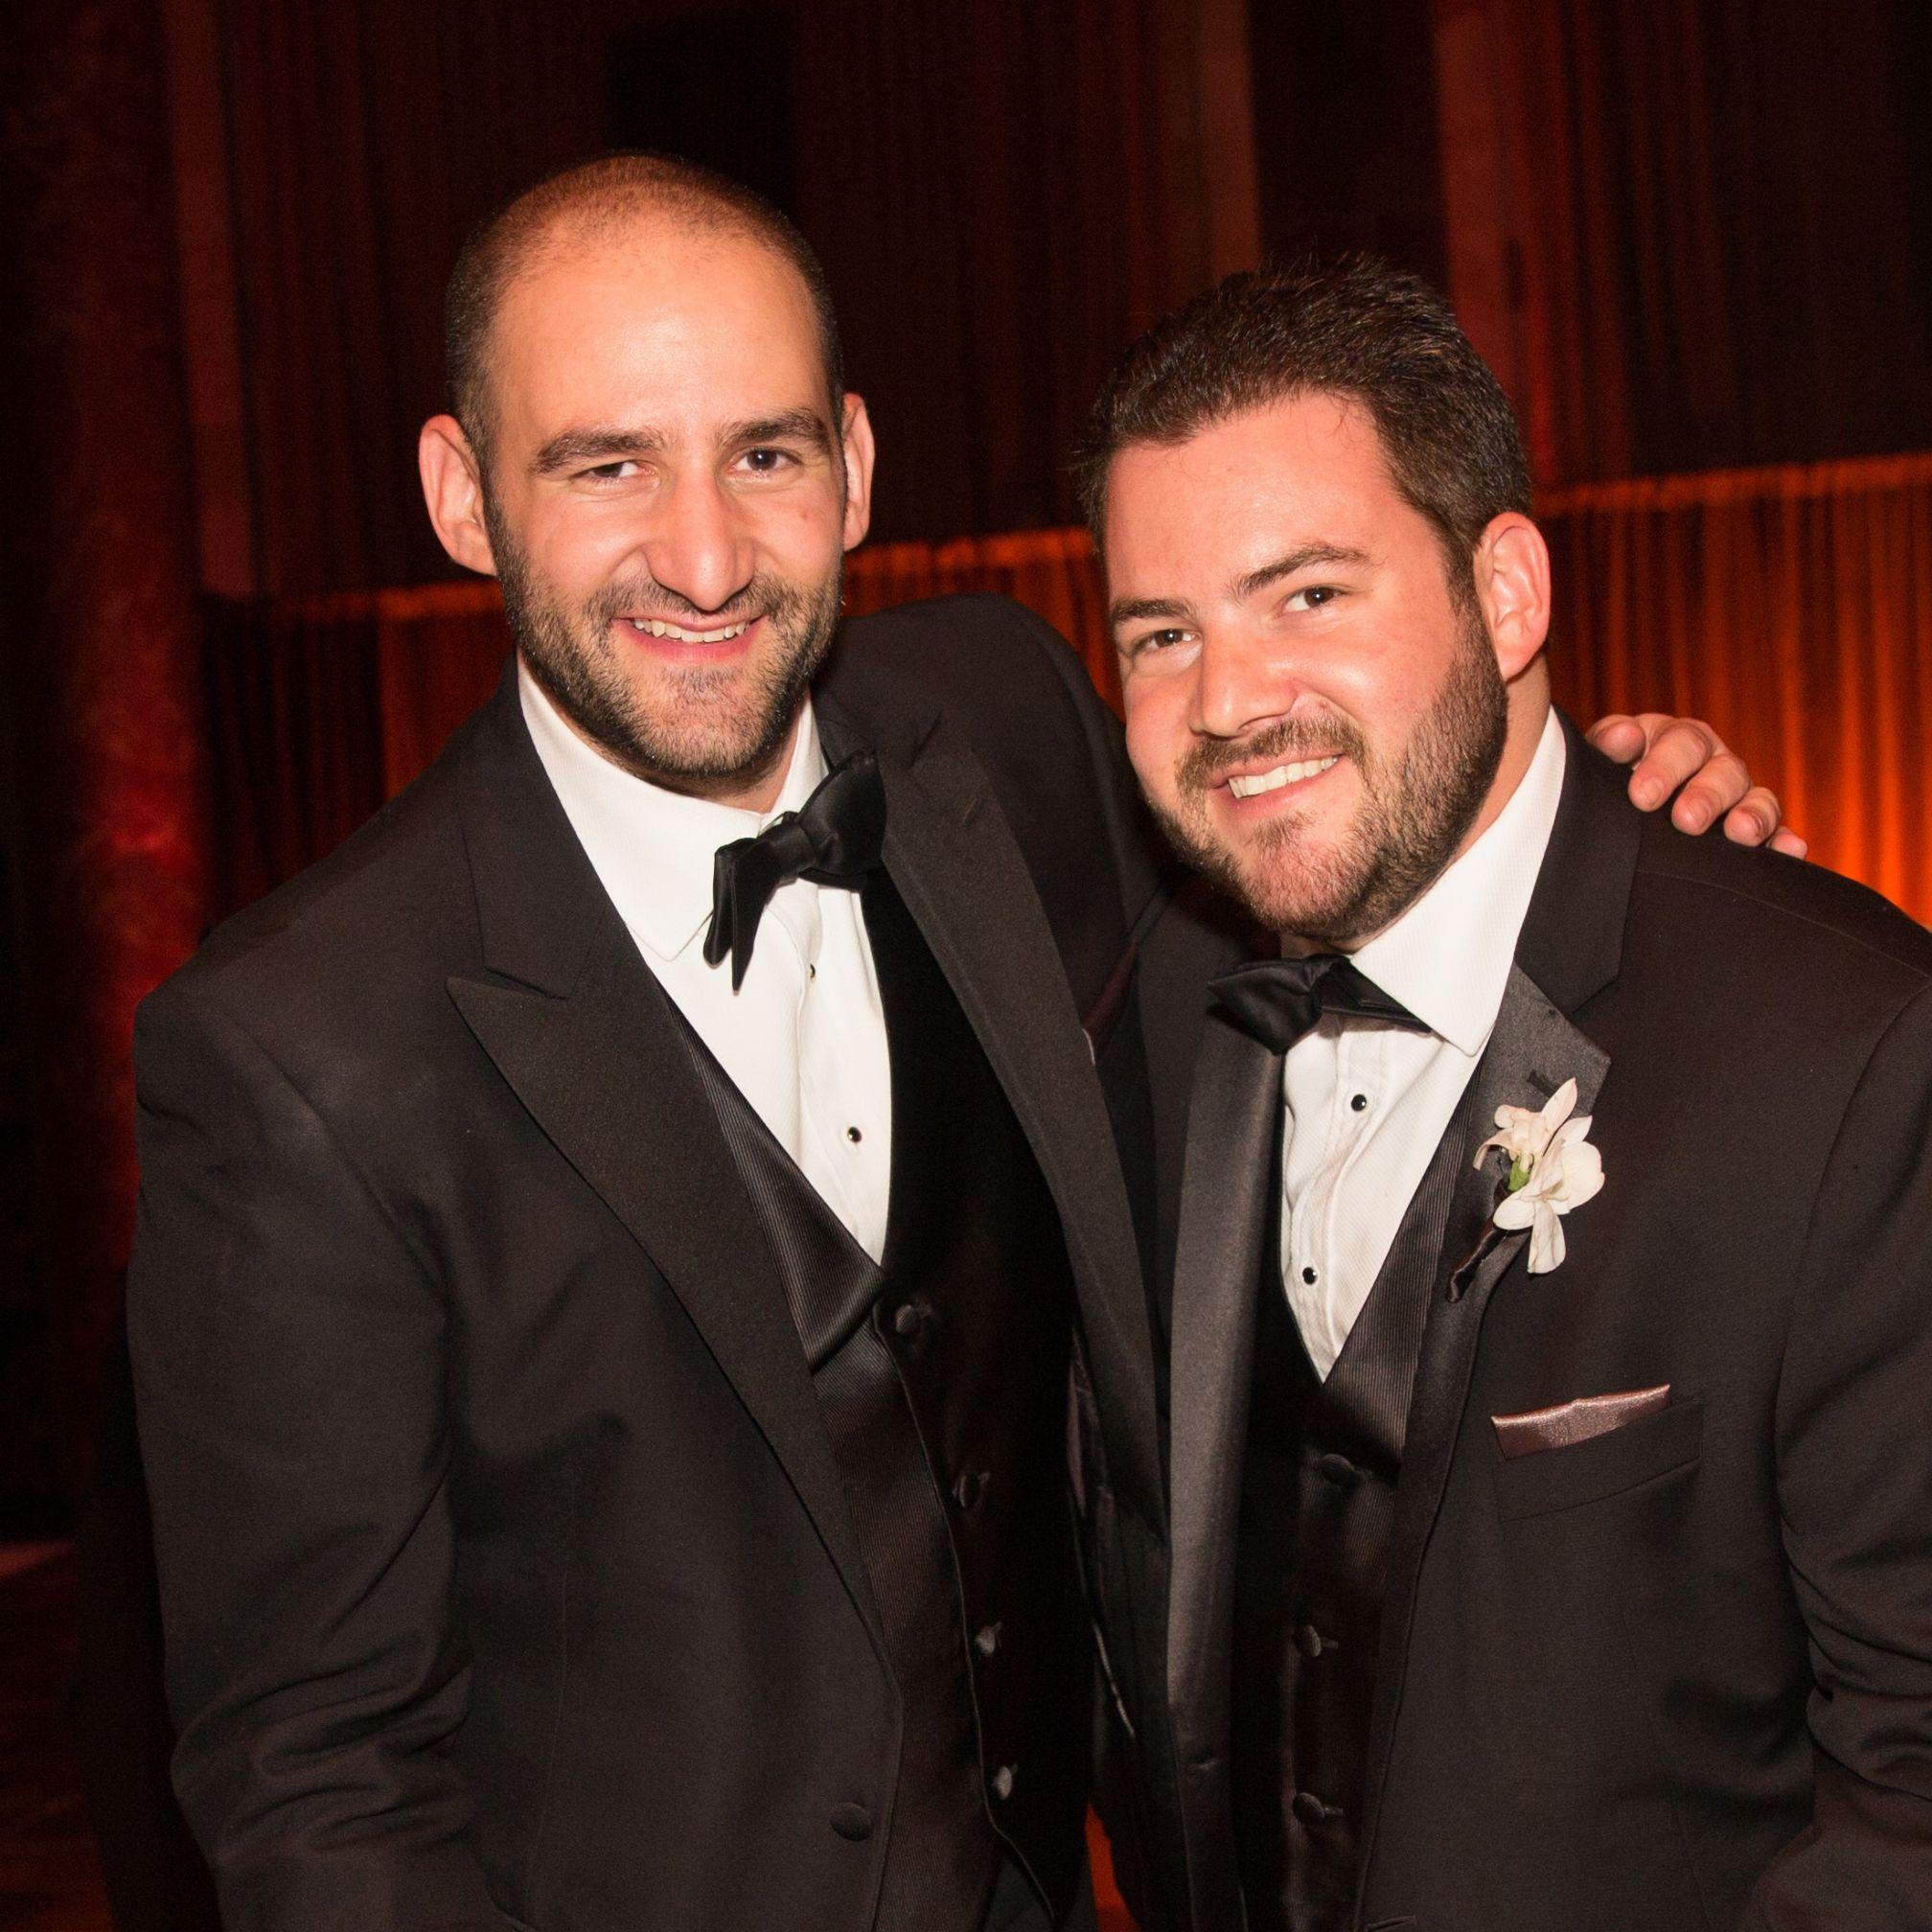 Brothers Adam and Josh Davis